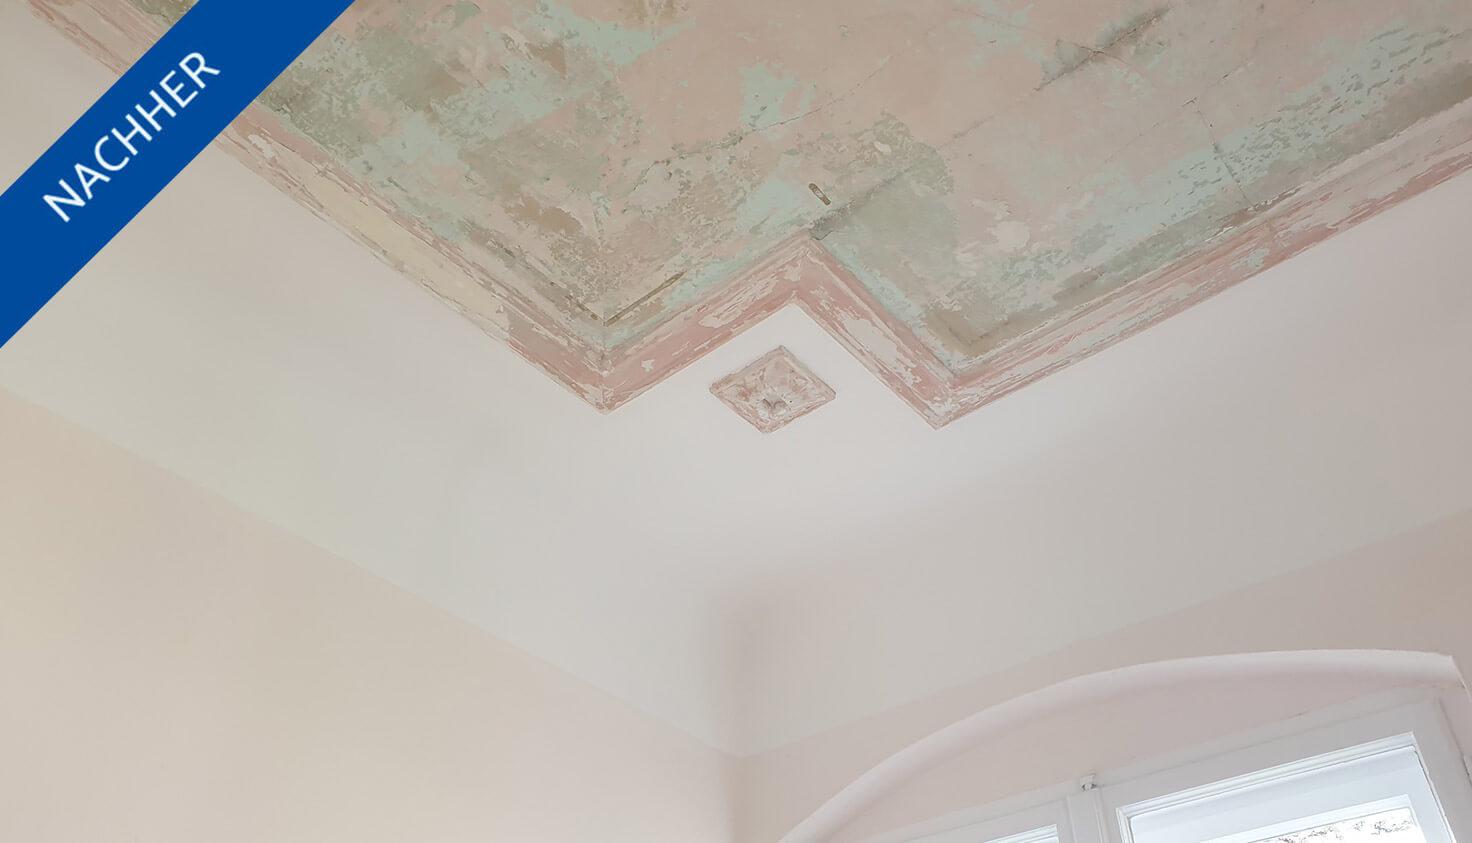 Renovierte Wand und Decke in steglitzer Altbauwohnung